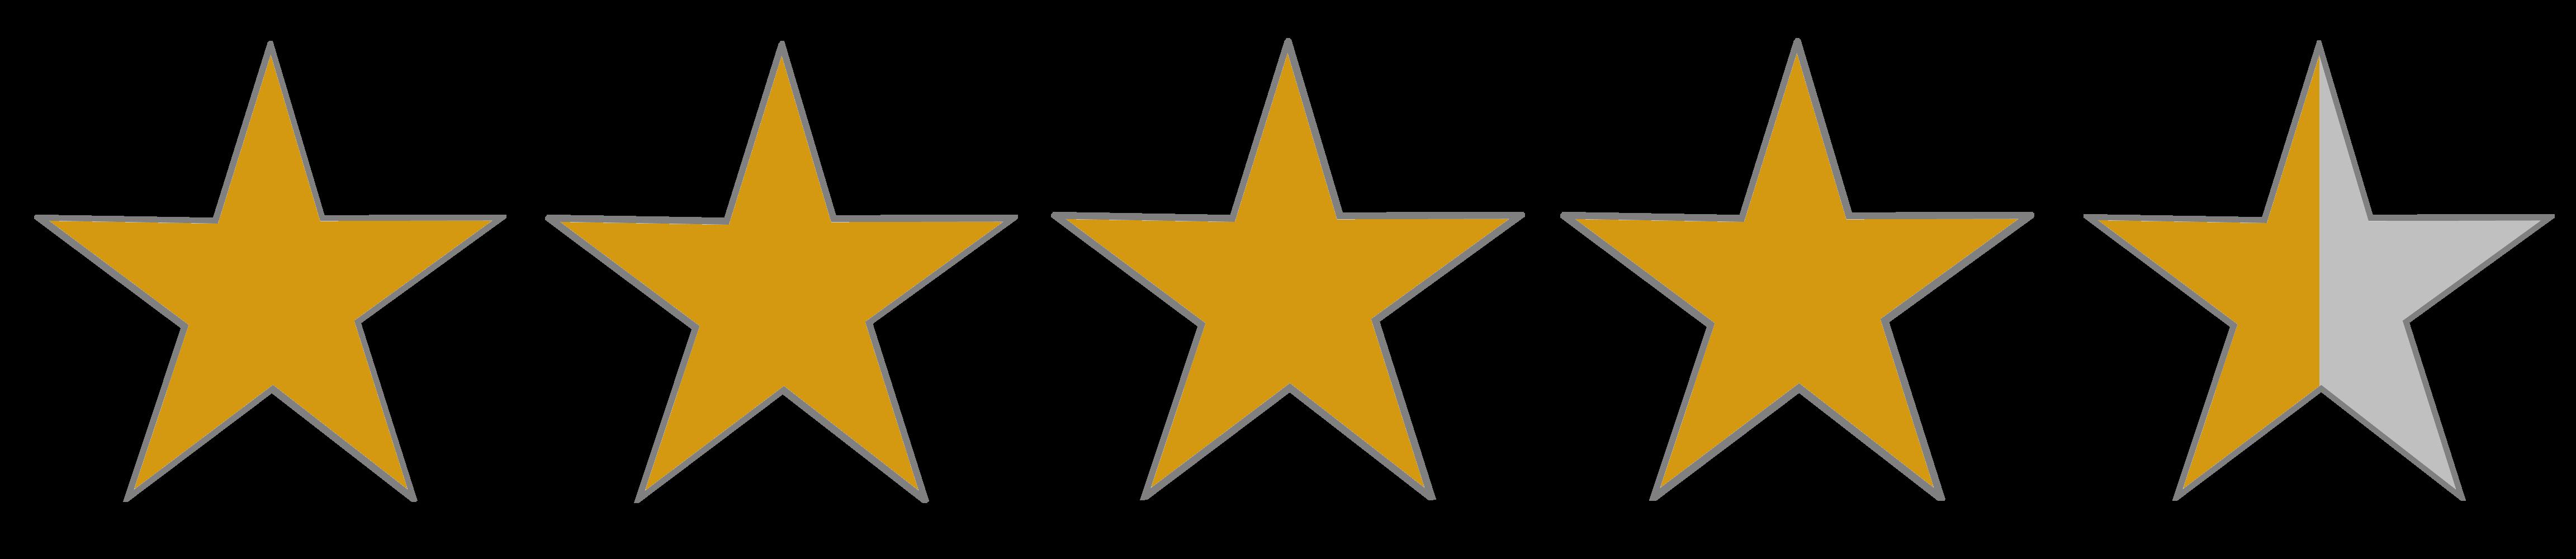 Image result for 4.1 rating transparent